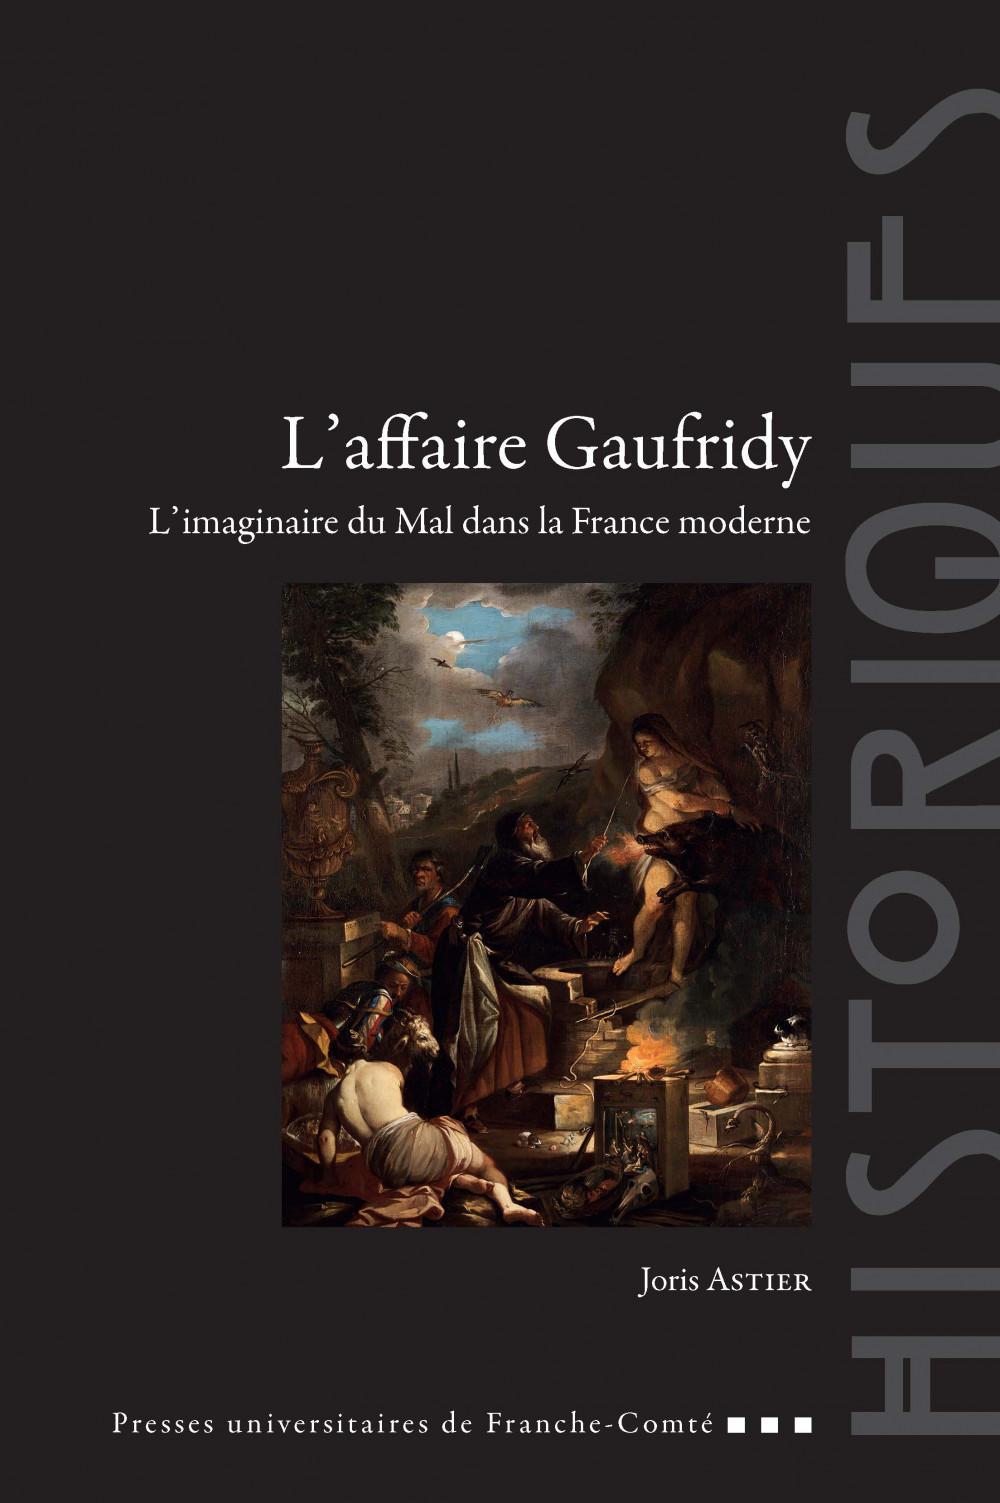 couverture de l'ouvrage L'affaire Gaufridy, de Joris ASTIER